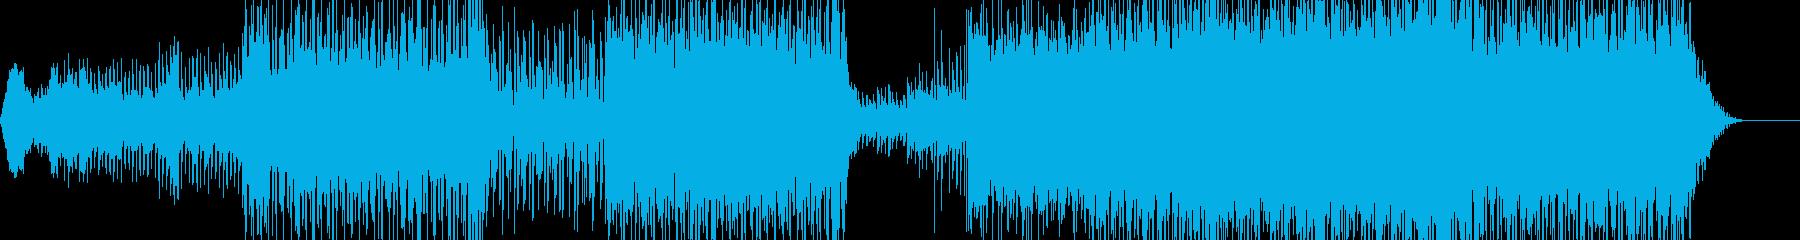 センチメンタルなポップインストの再生済みの波形